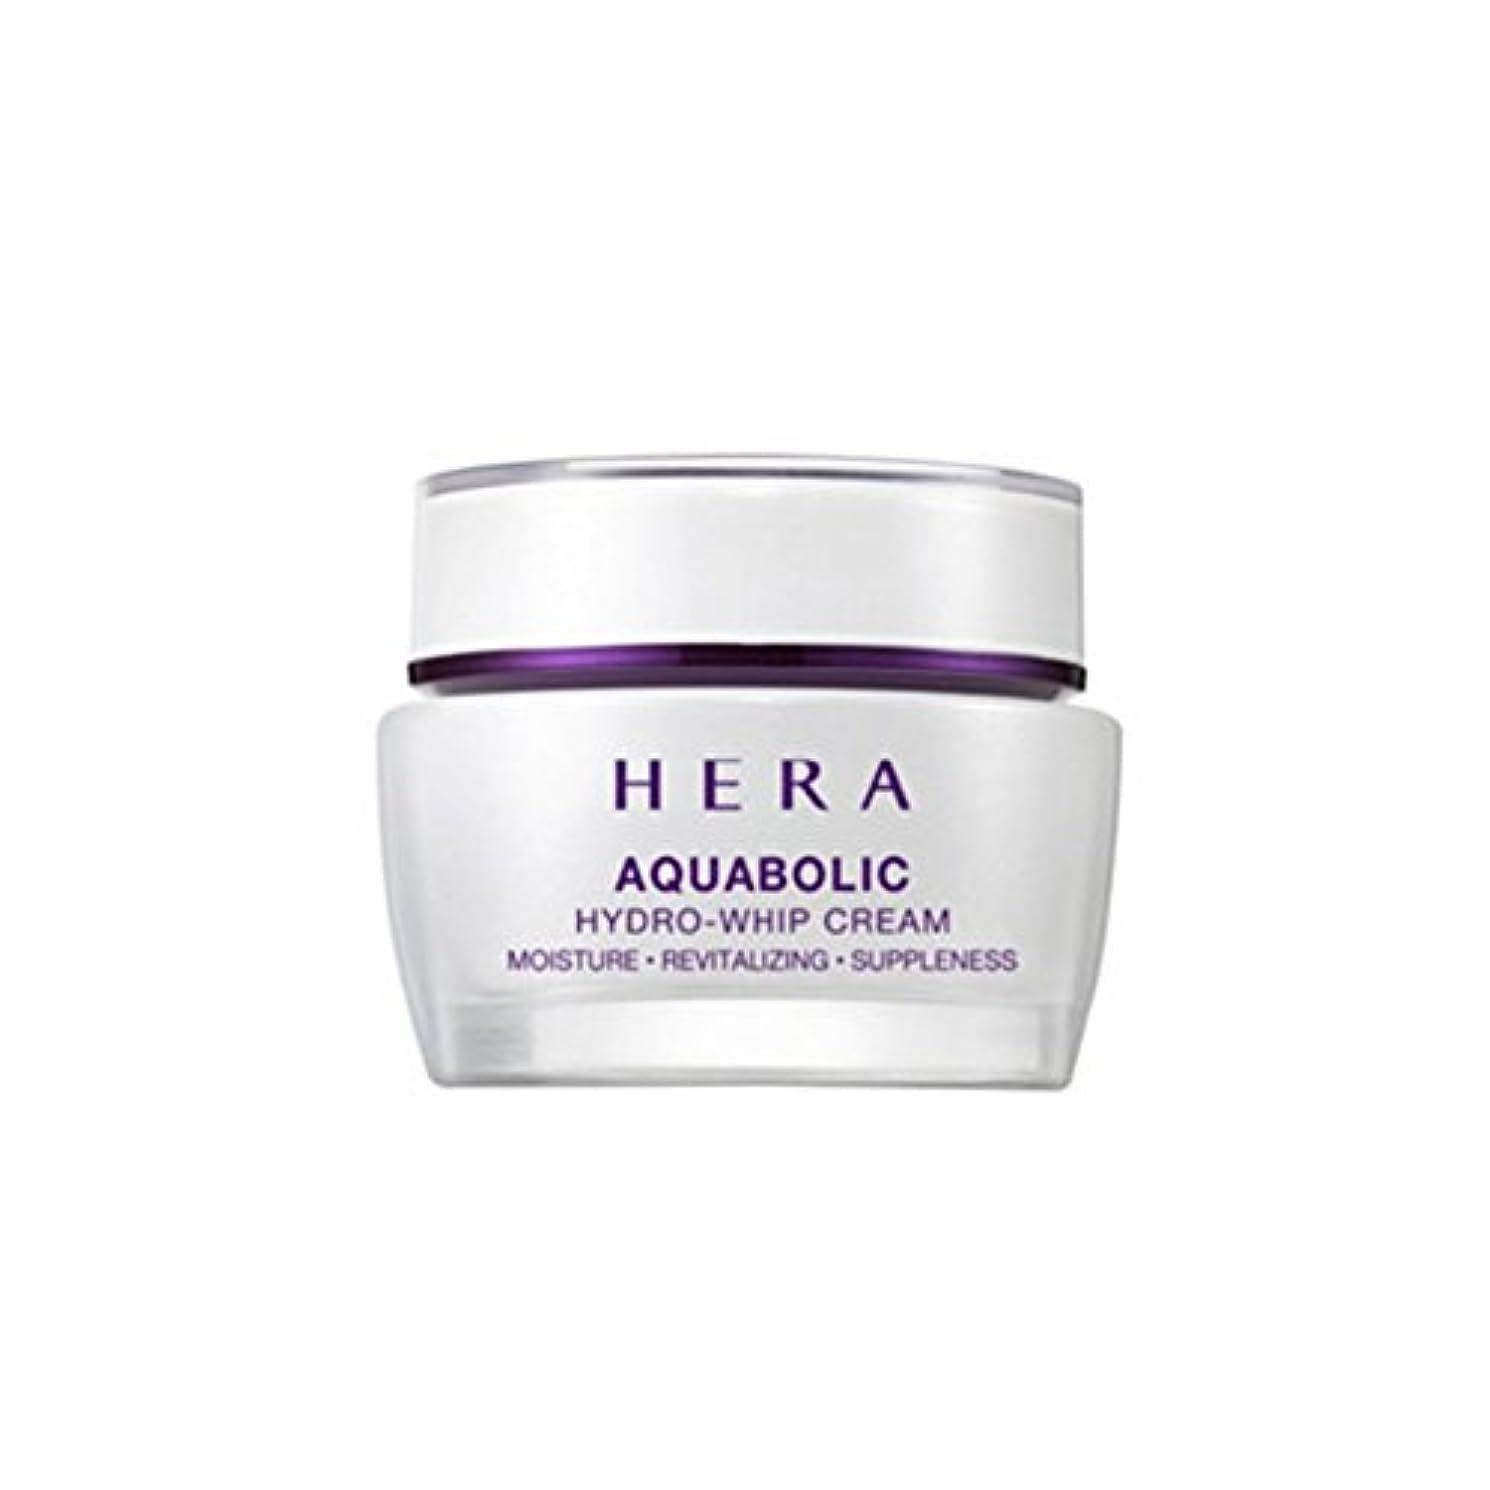 転用居間エクスタシー(ヘラ) HERA Aquabolic Hydro-Whip Cream アクアボリックハイドロホイップ クリーム (韓国直発送) oopspanda